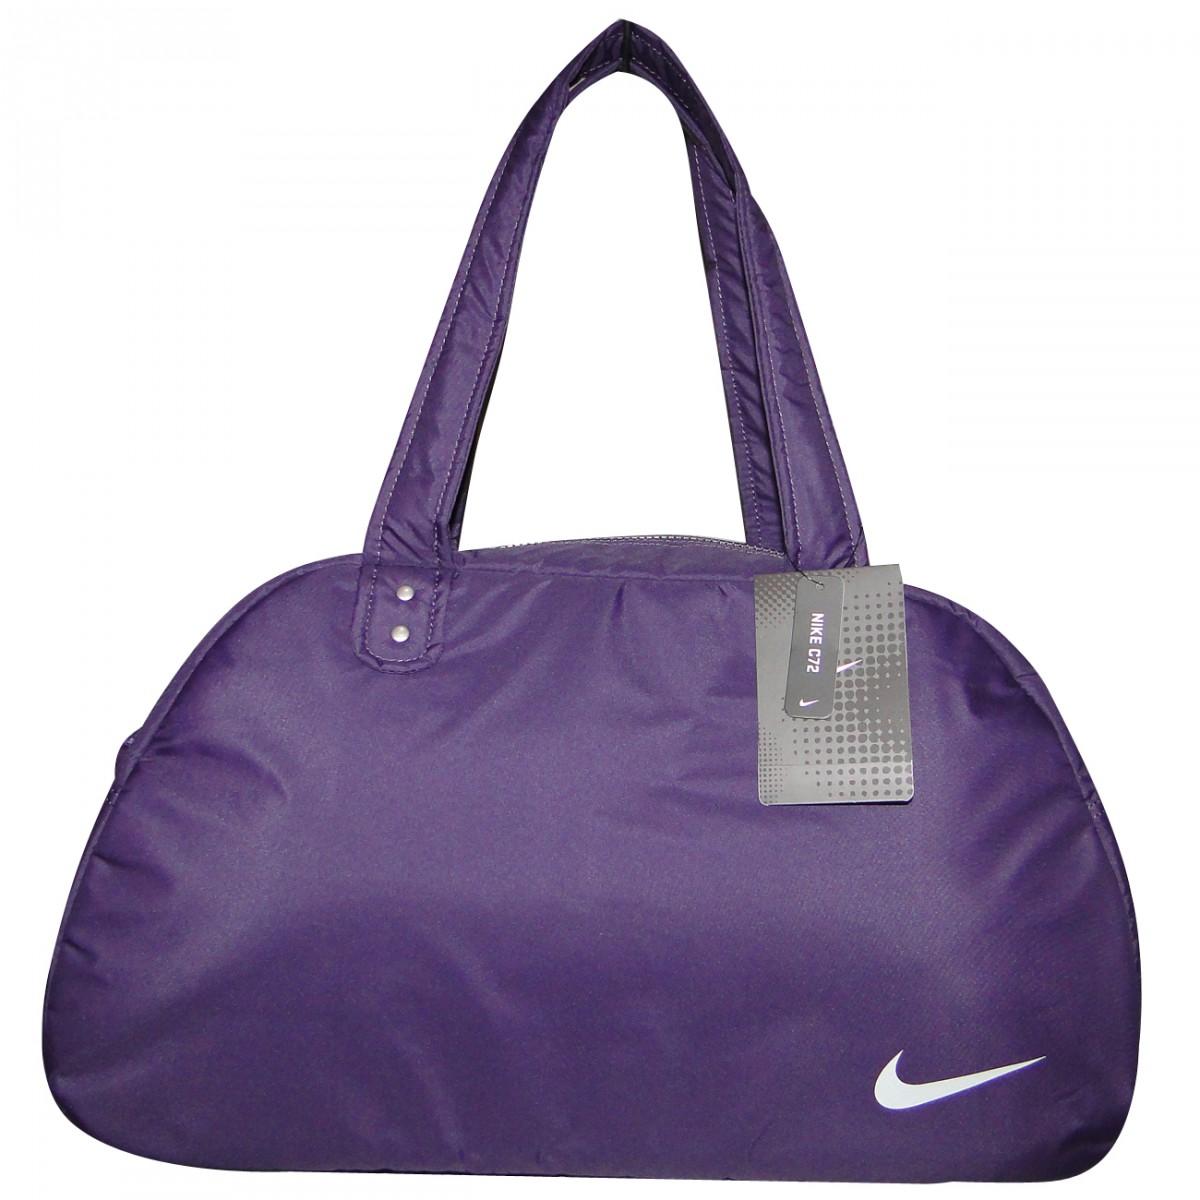 Bolsa De Viagem Da Nike Feminina : Bolsa nike ref ba  roxo prata chuteira